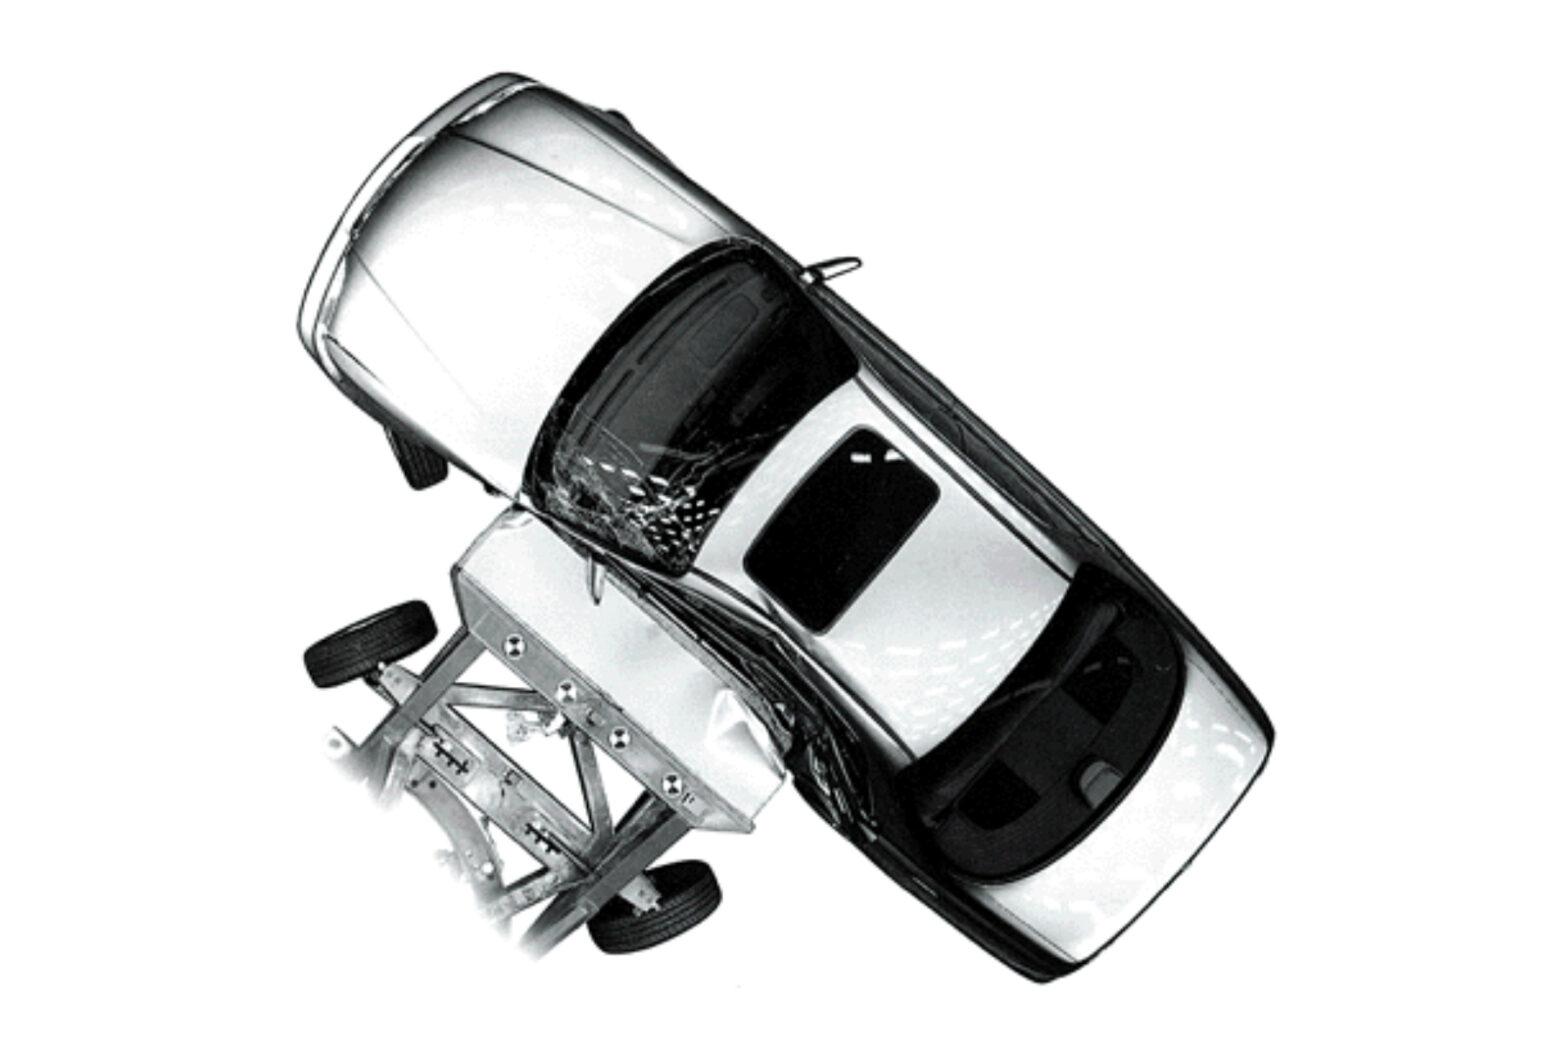 軽自動車の安全基準とは?普通自動車の基準や評価と違うの?